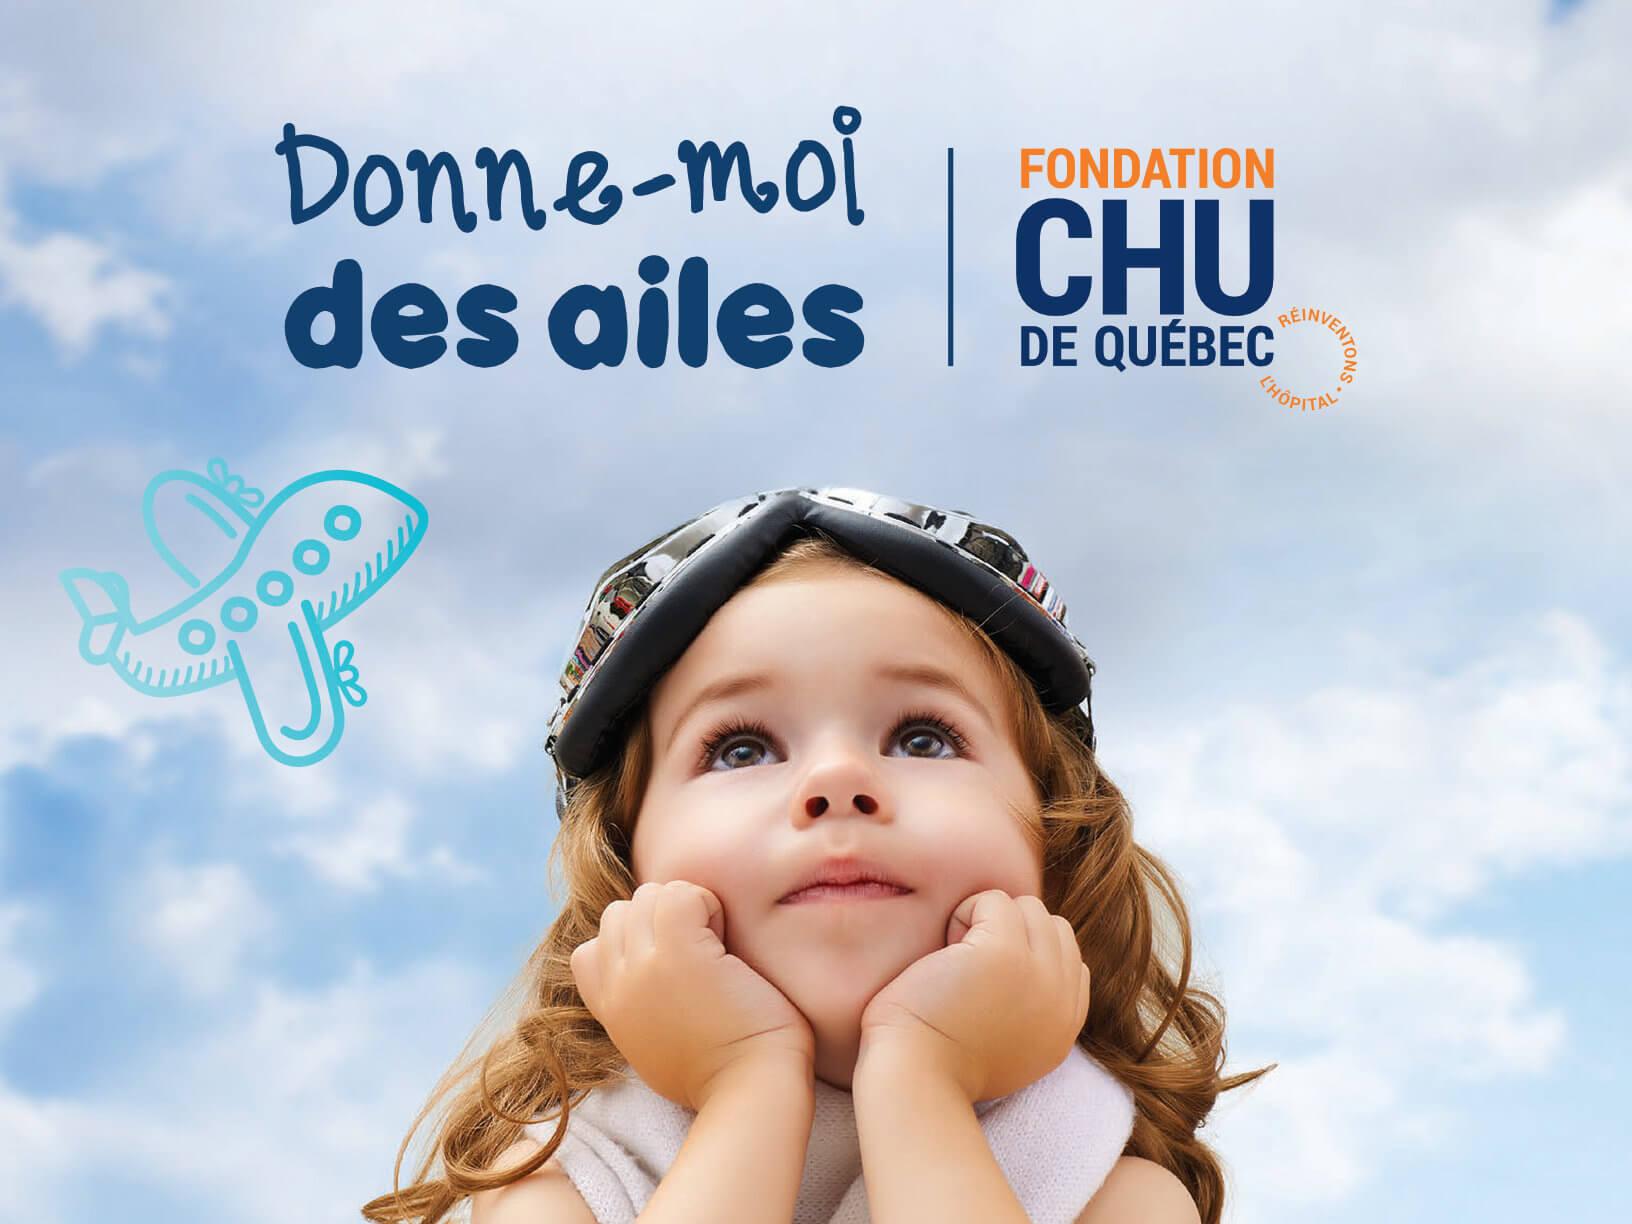 Donne-moi-des-ailes-Fondation-CHU-de-Québec.jpg